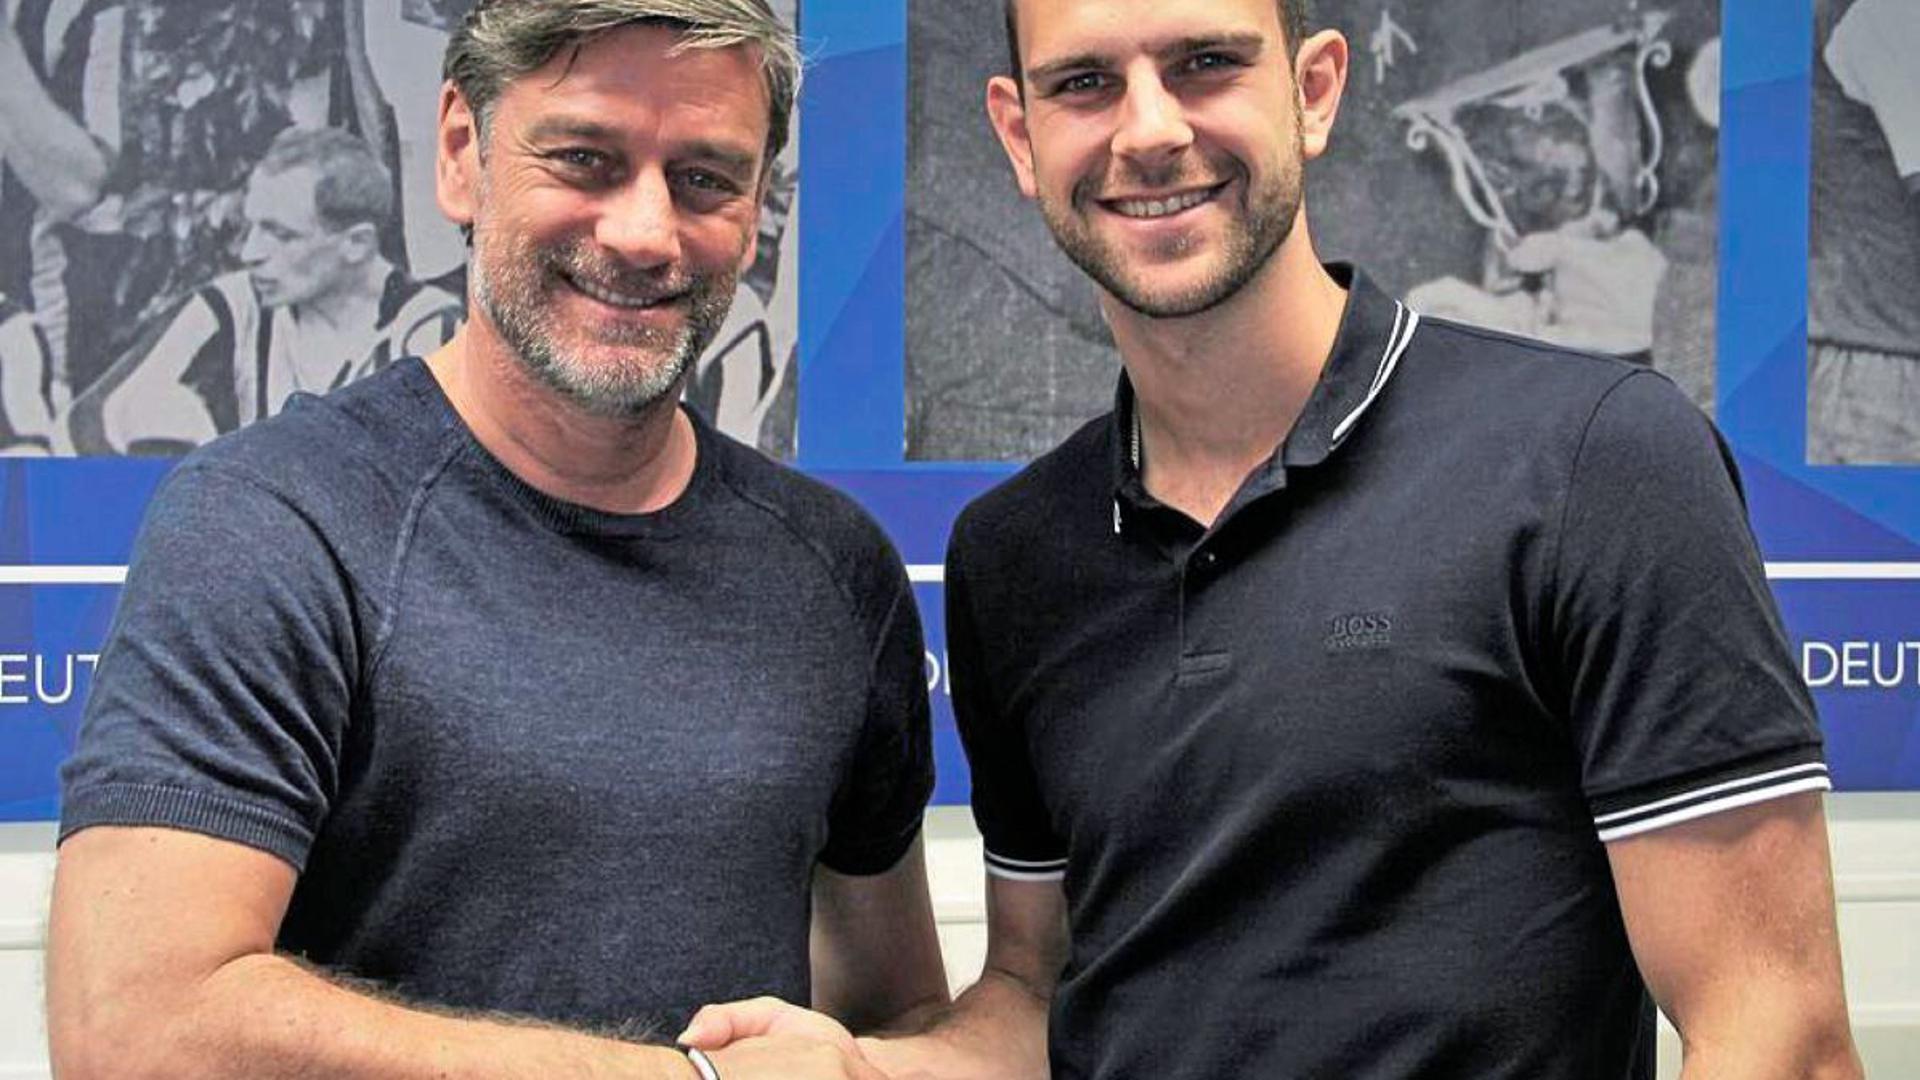 Der Karlsruher SC hat am Freitagnachmittag seinen fünften Neuzugang für die Saison 2019/2020 präsentiert. Torhüter Marius Gersbeck wechselt von Hertha BSC Berlin nach Baden, er erhält zunächst einen Vertrag bis 2021.